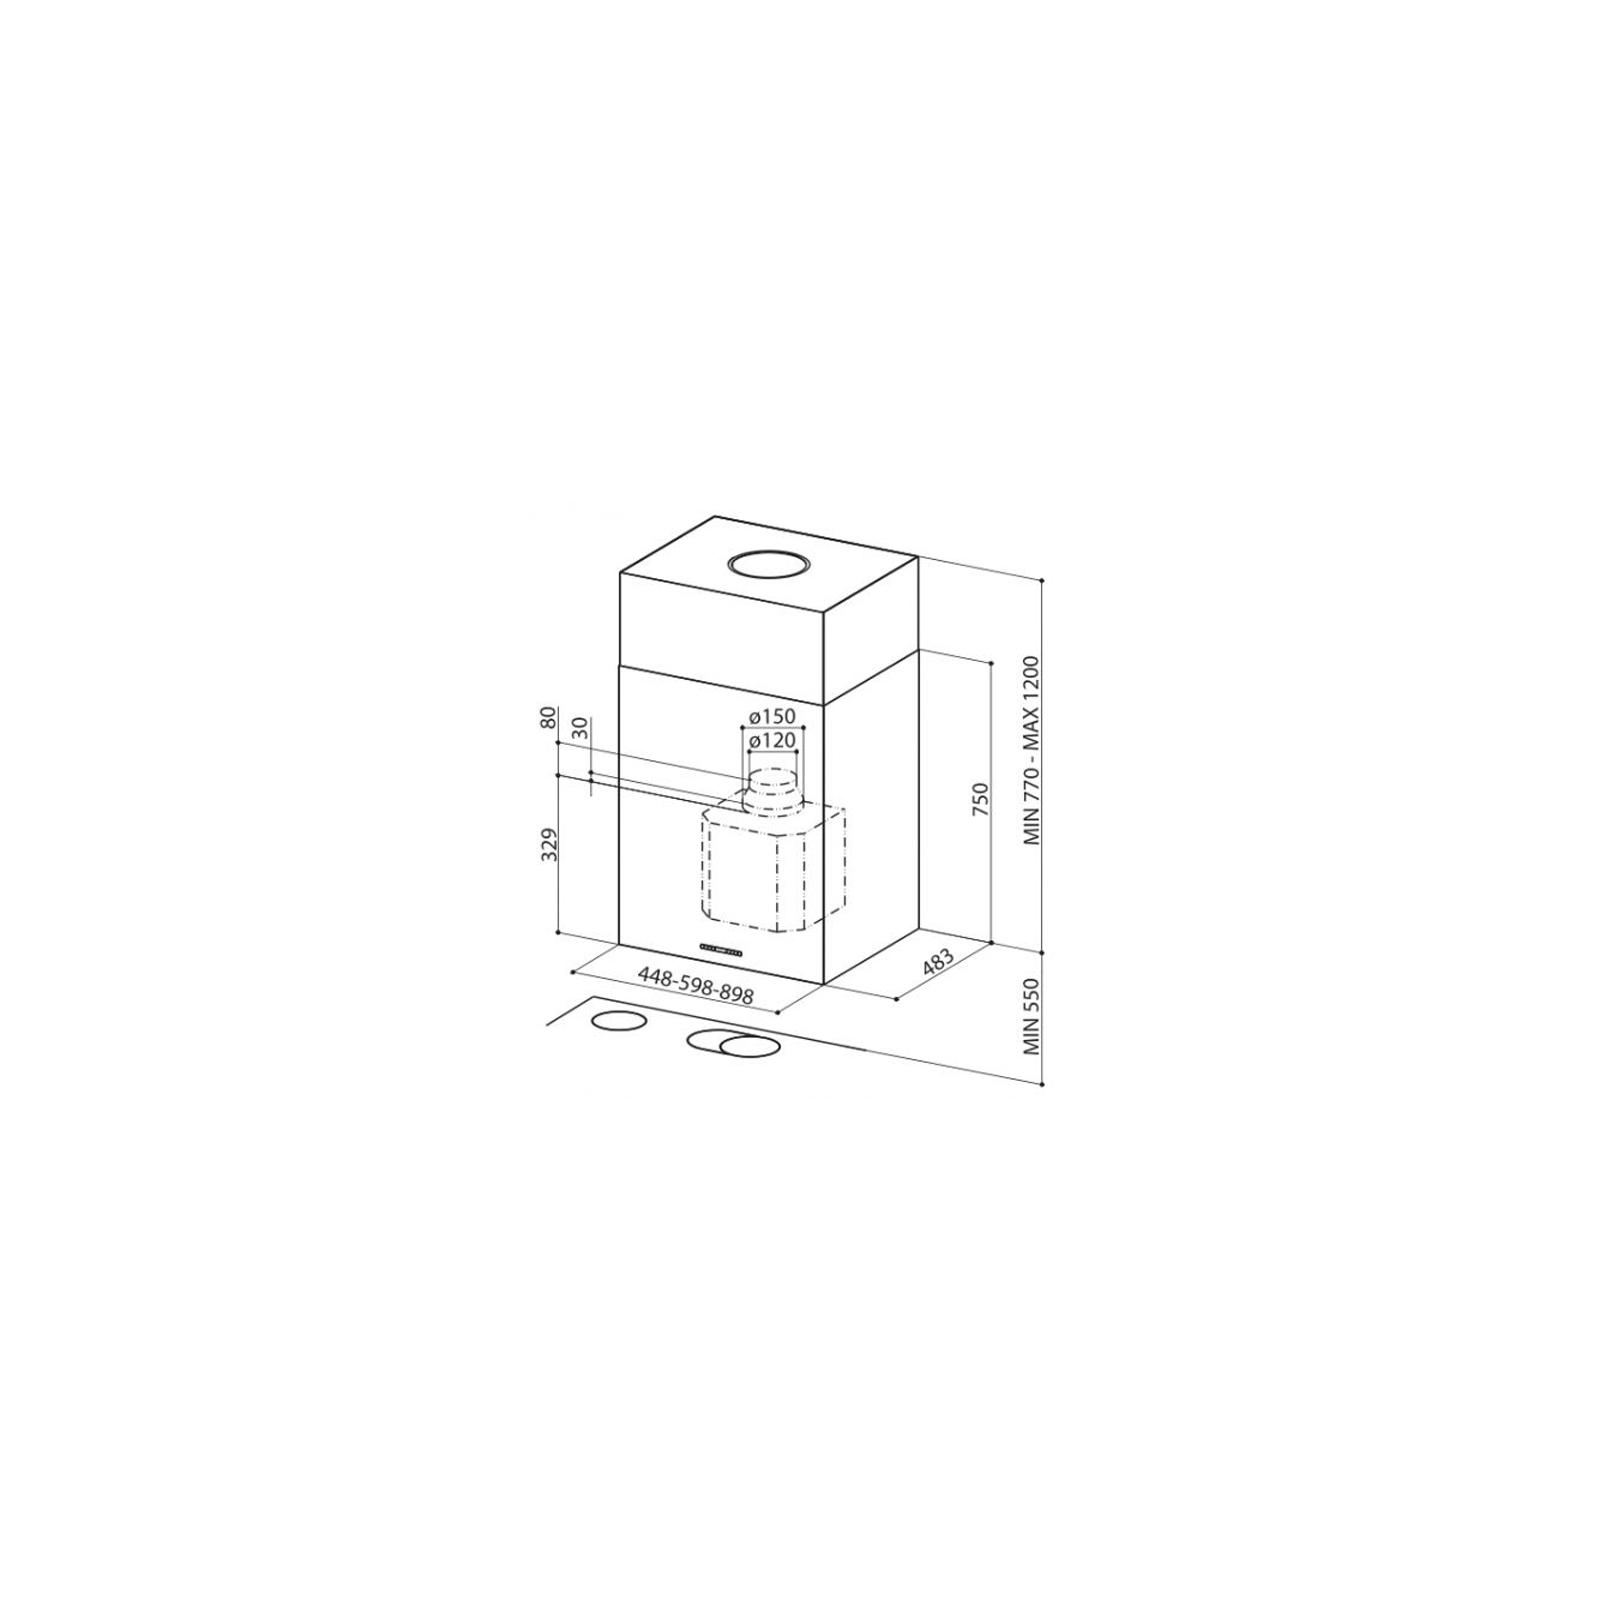 Вытяжка кухонная FABER CUBIA ISOLA EG10 X A60 ACTIVE изображение 2